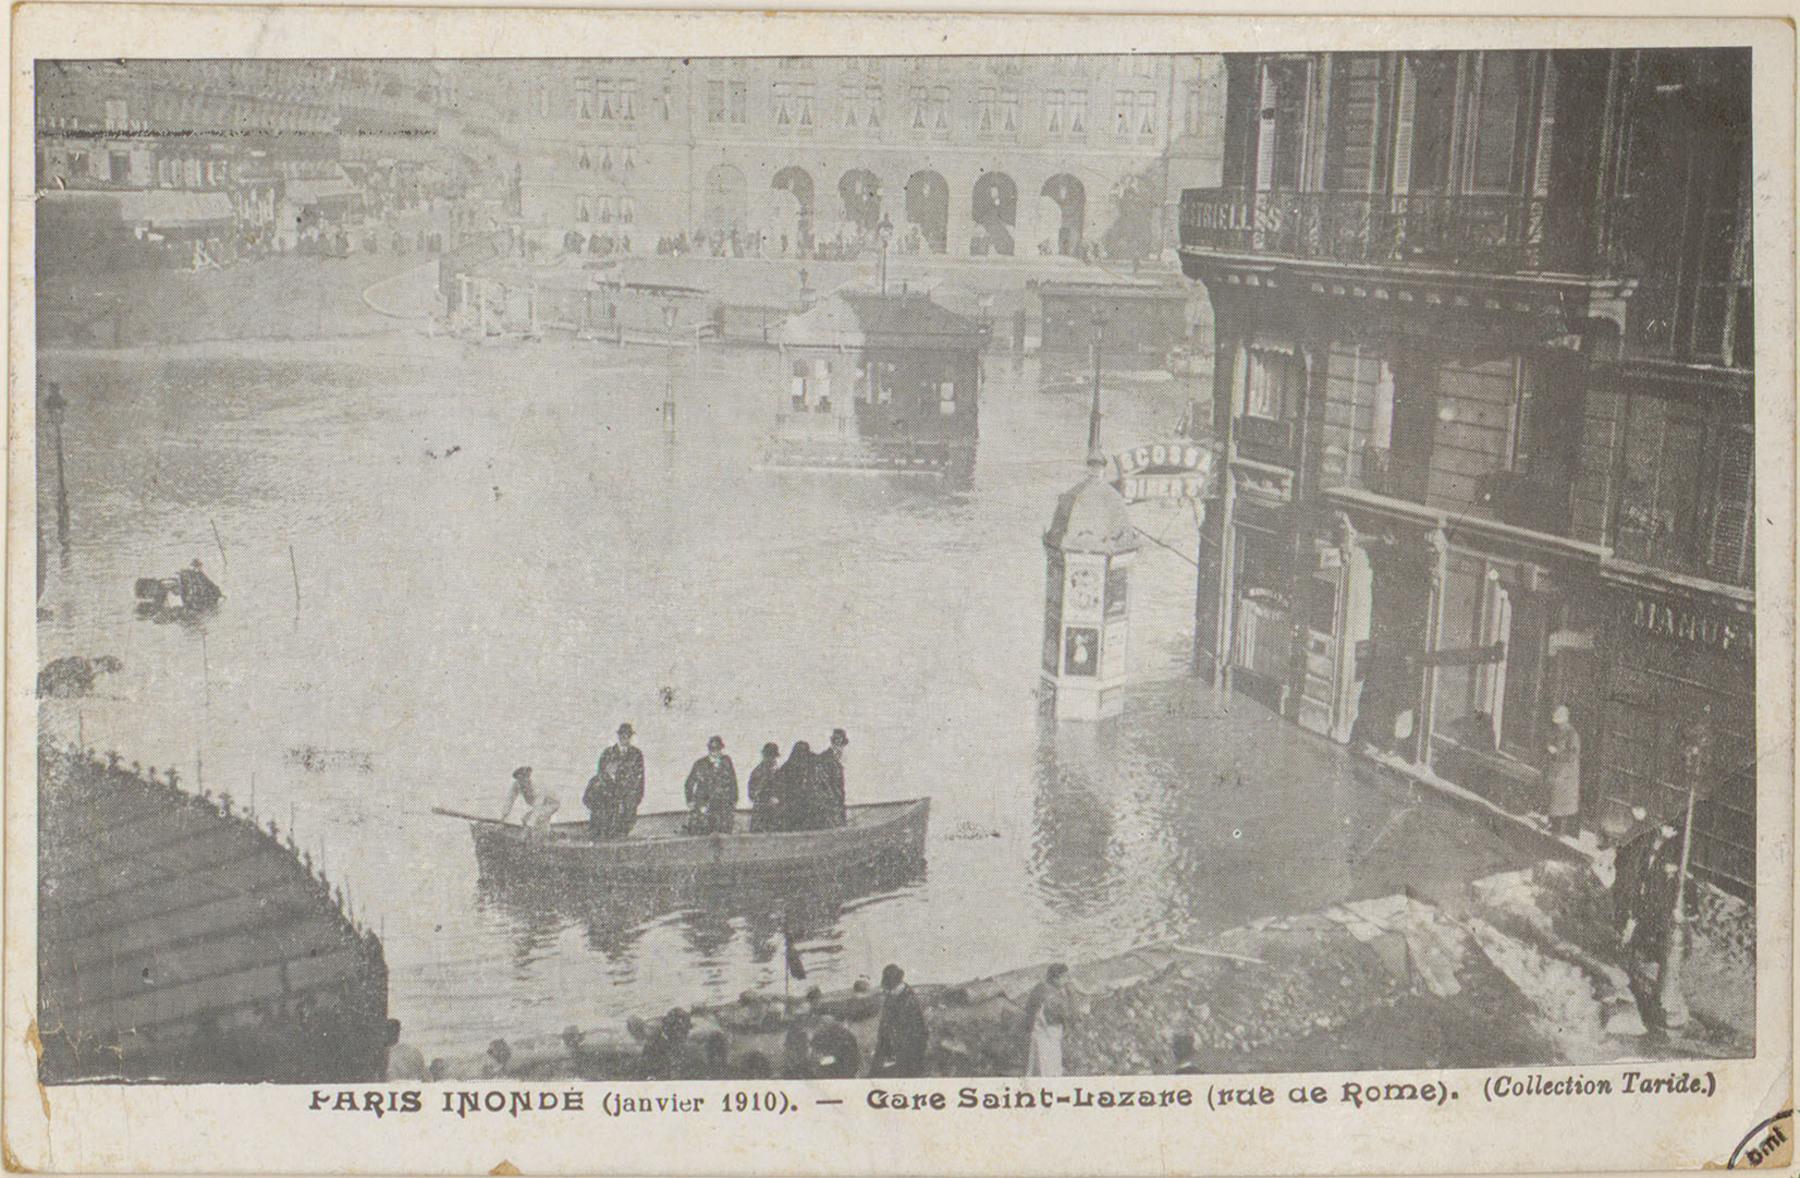 Contenu du Paris inondé (janvier 1910), Gare Saint-Lazare (rue de Rome)